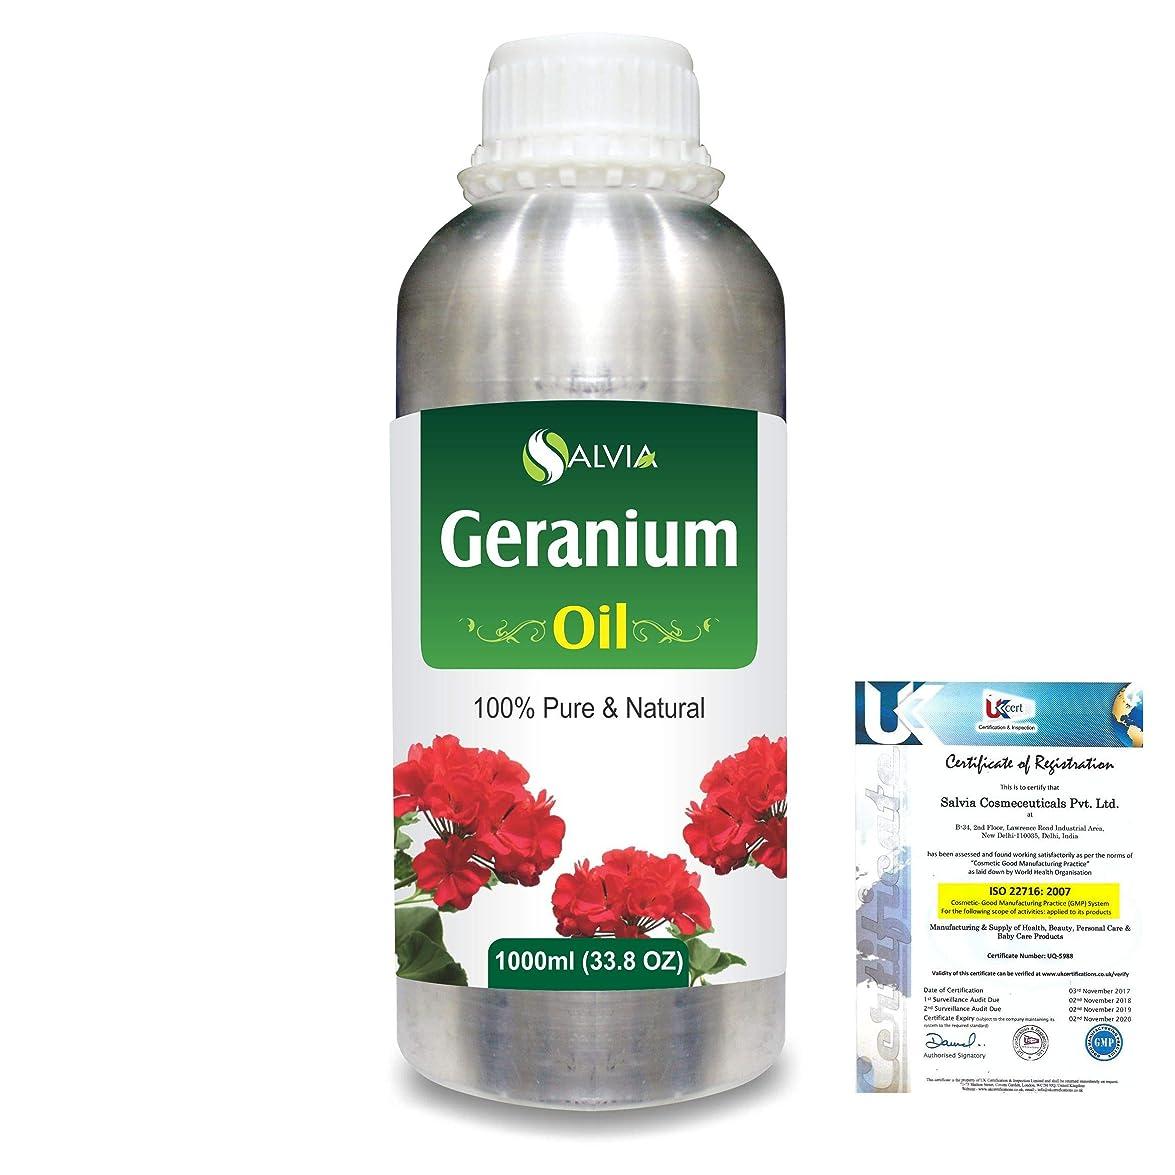 エミュレートする過半数それに応じてGeranium (Pelargonium Geranium) 100% Natural Pure Essential Oil 1000ml/33.8fl.oz.